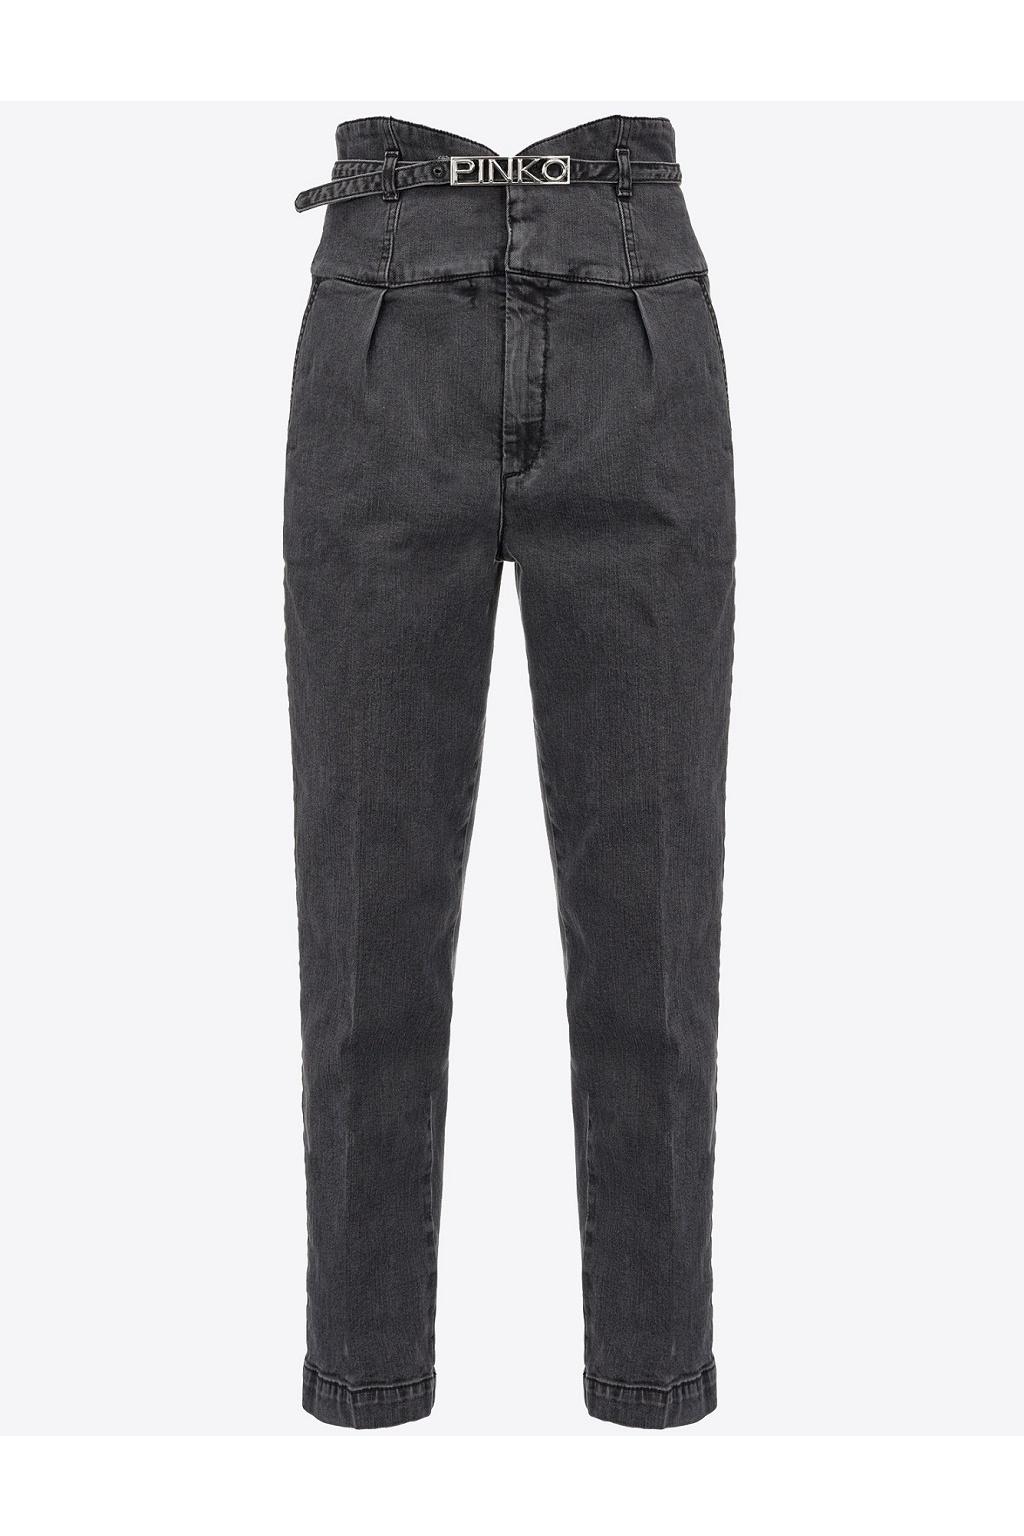 Dámské džíny Pinko Ariel 16 černé